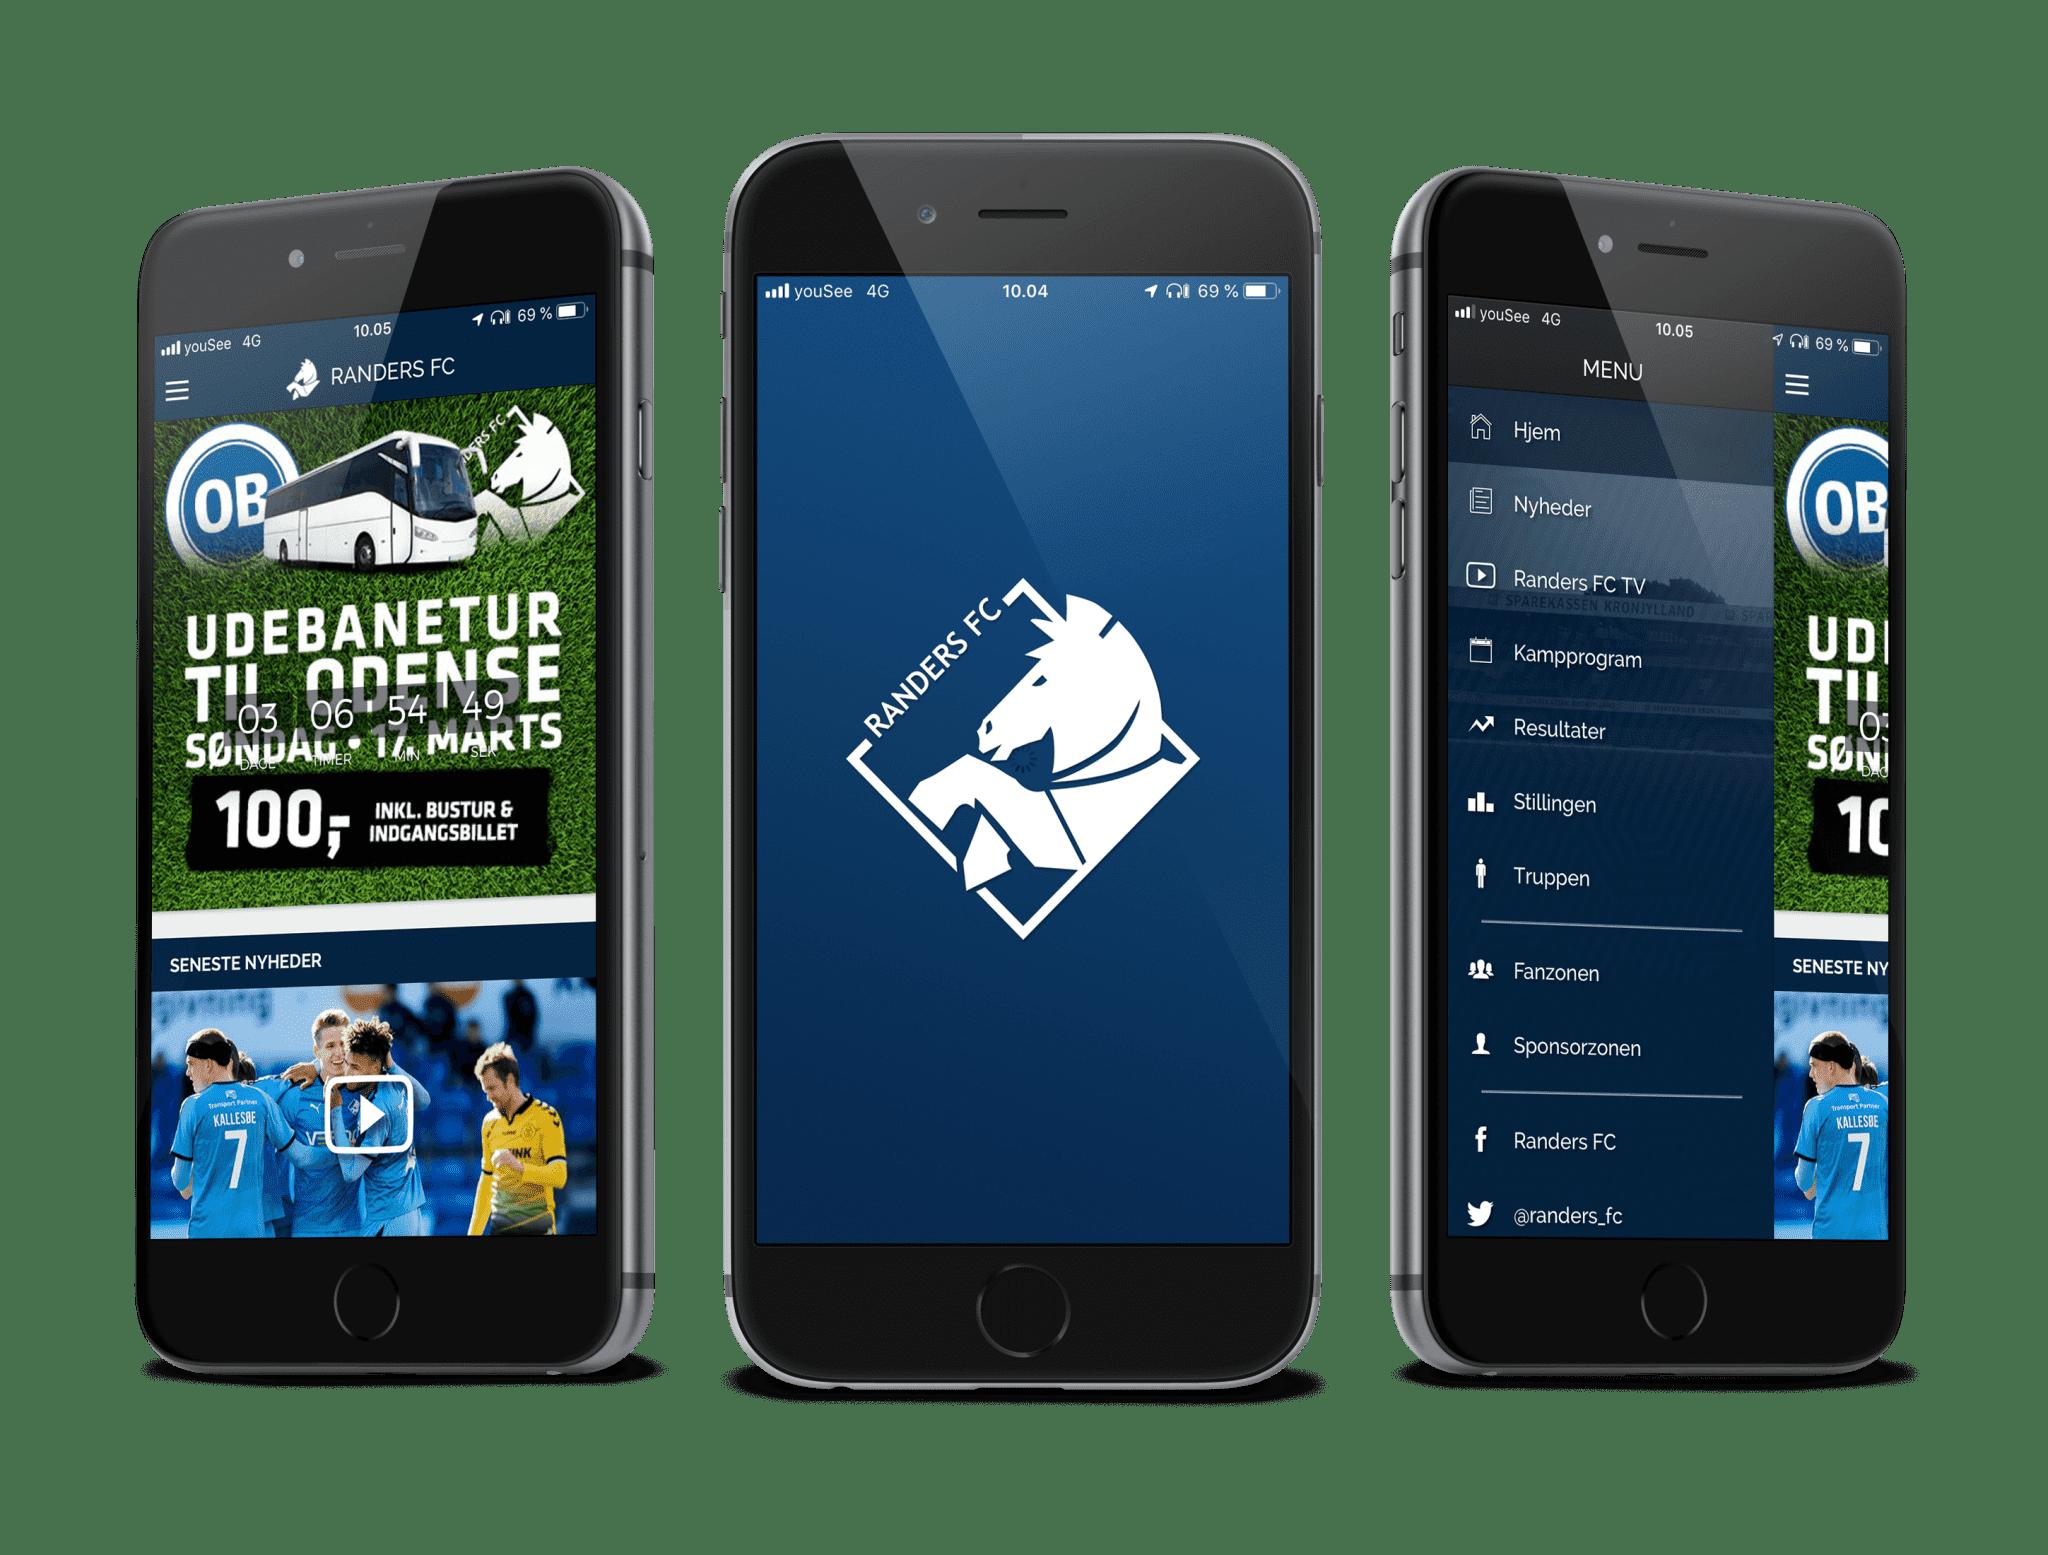 Randers_FC_app_case